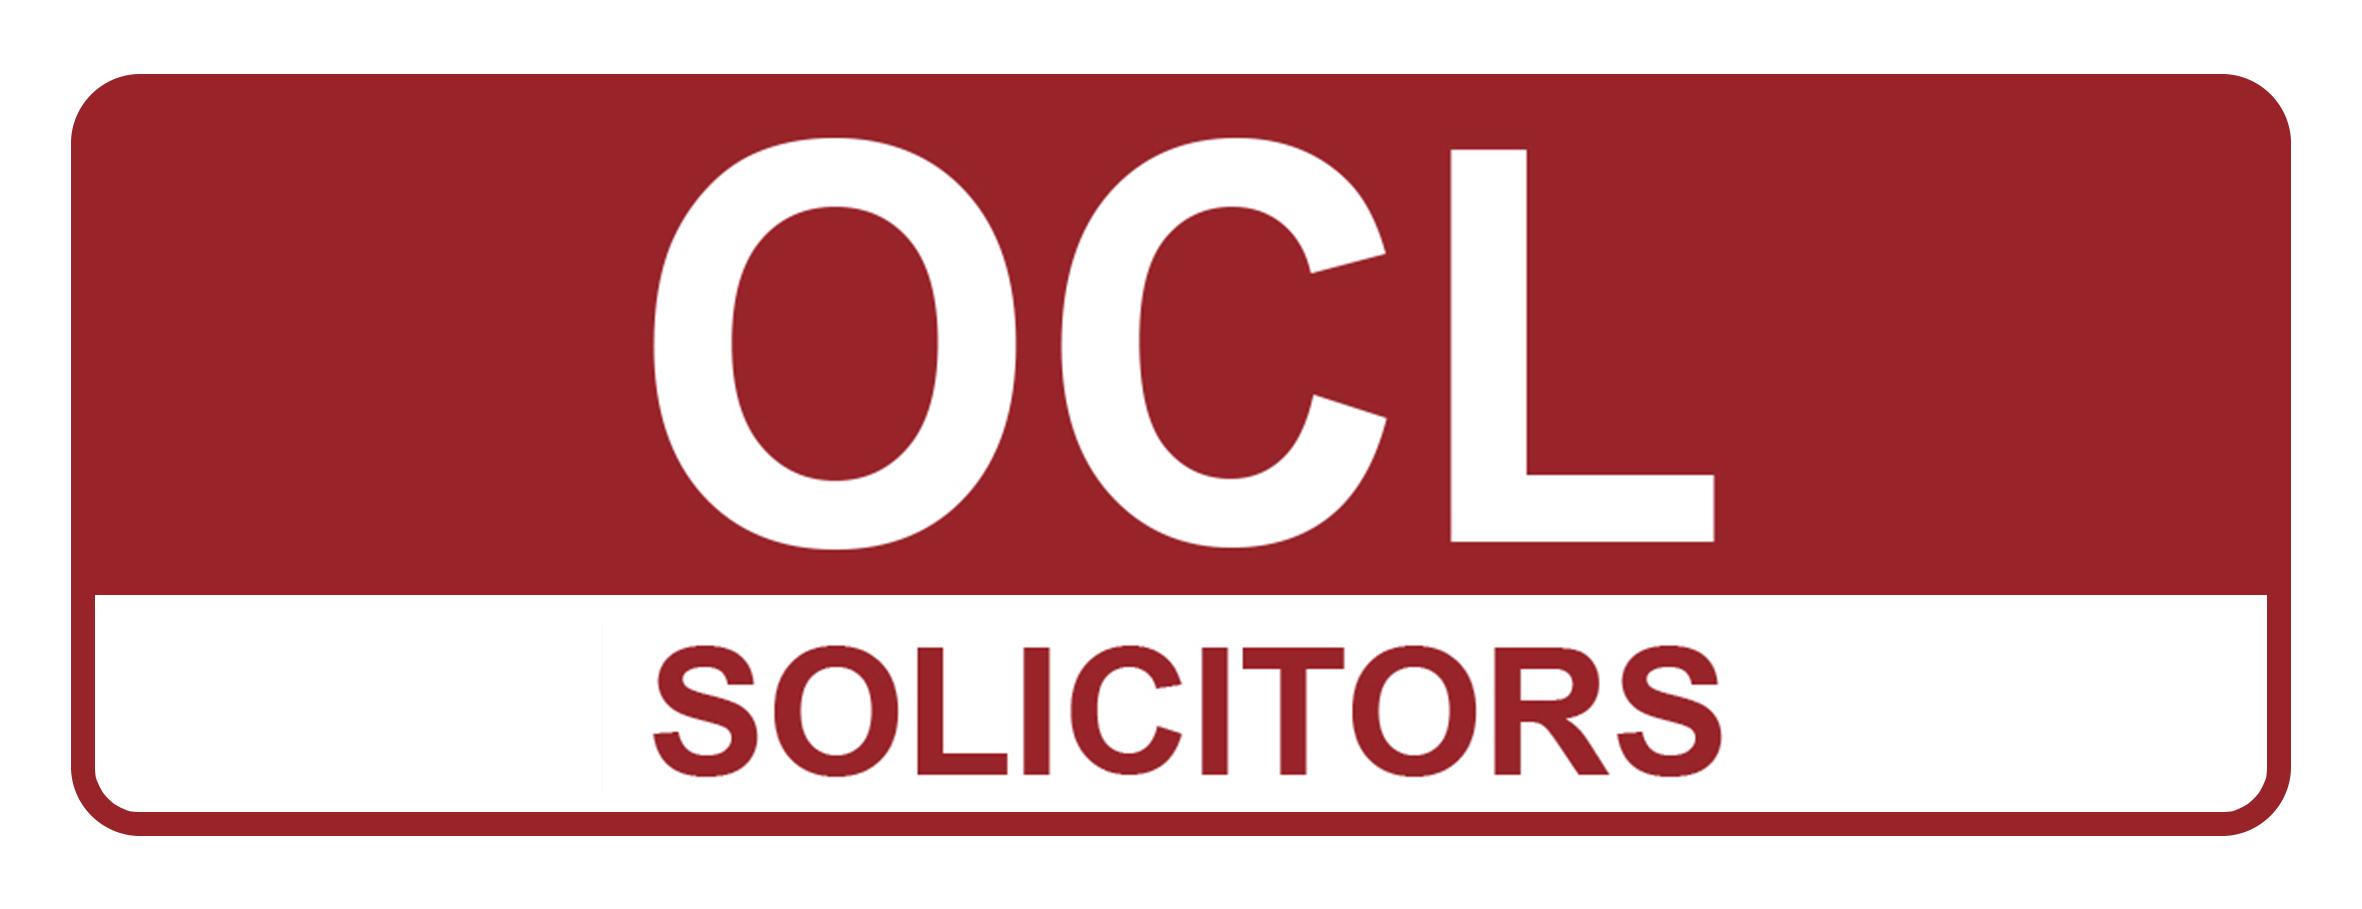 ocl solicitors logo